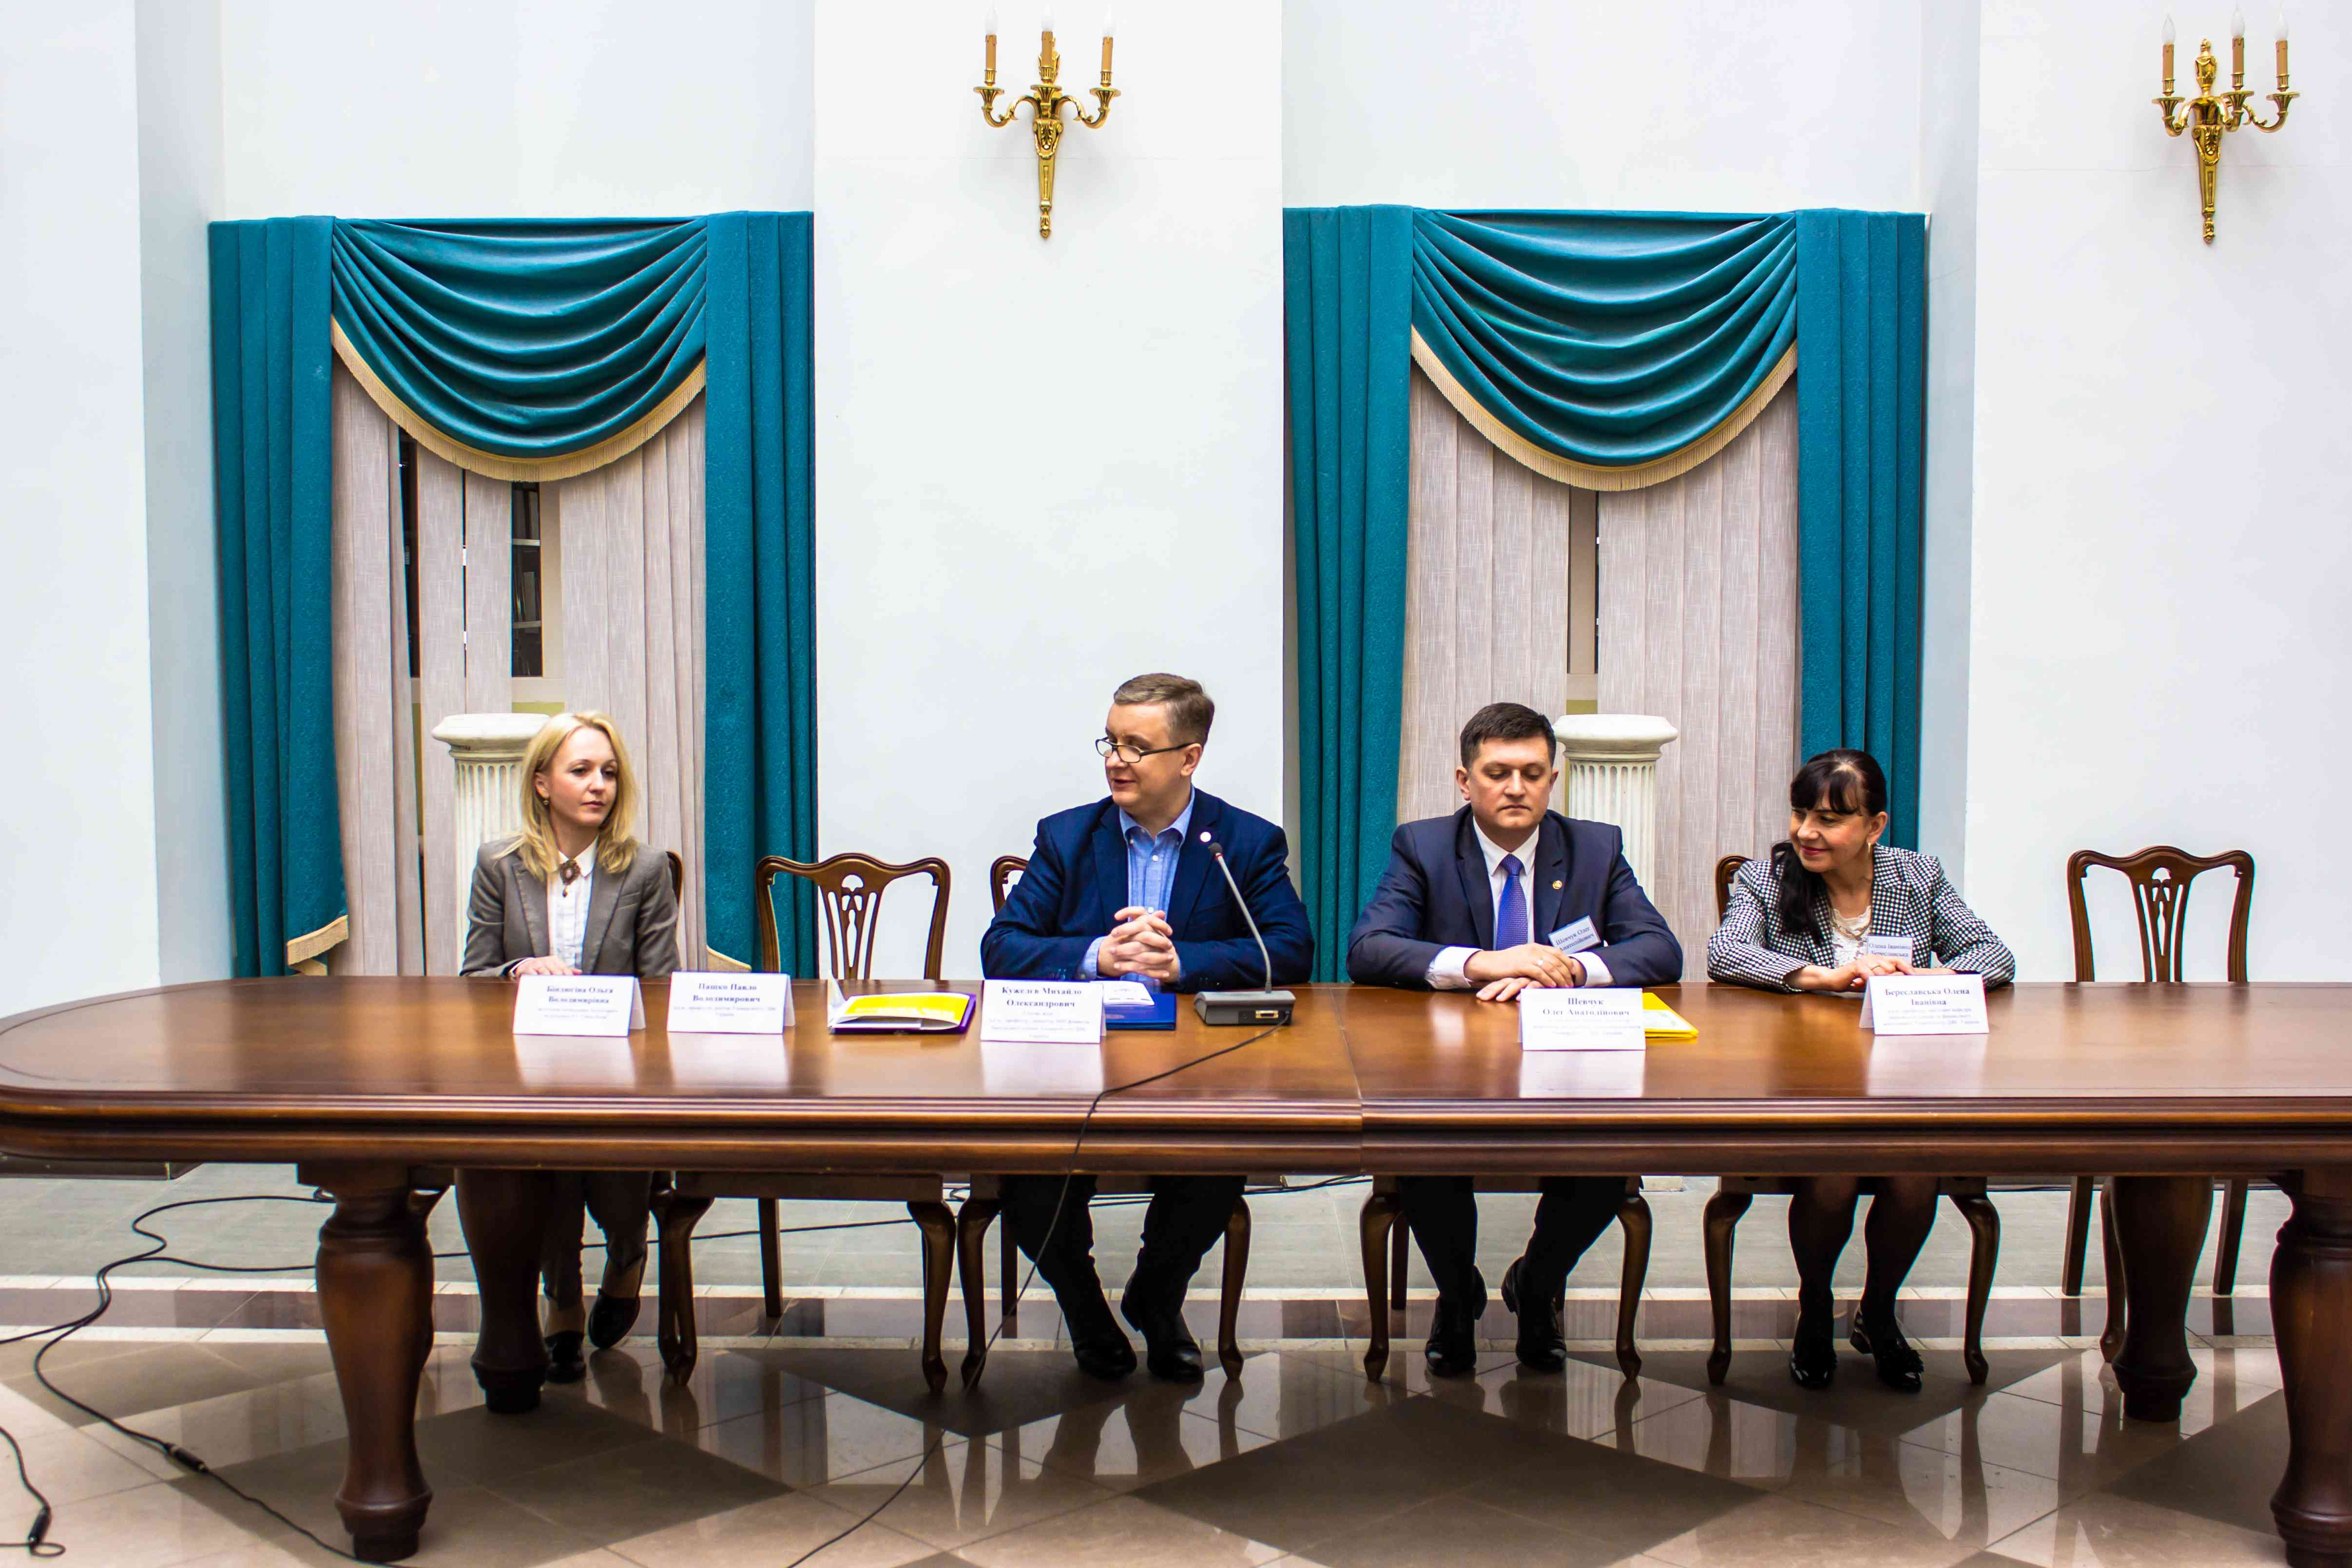 Відбулося офіційне відкриття Всеукраїнської студентської олімпіади зі спеціальності «Банківська справа»